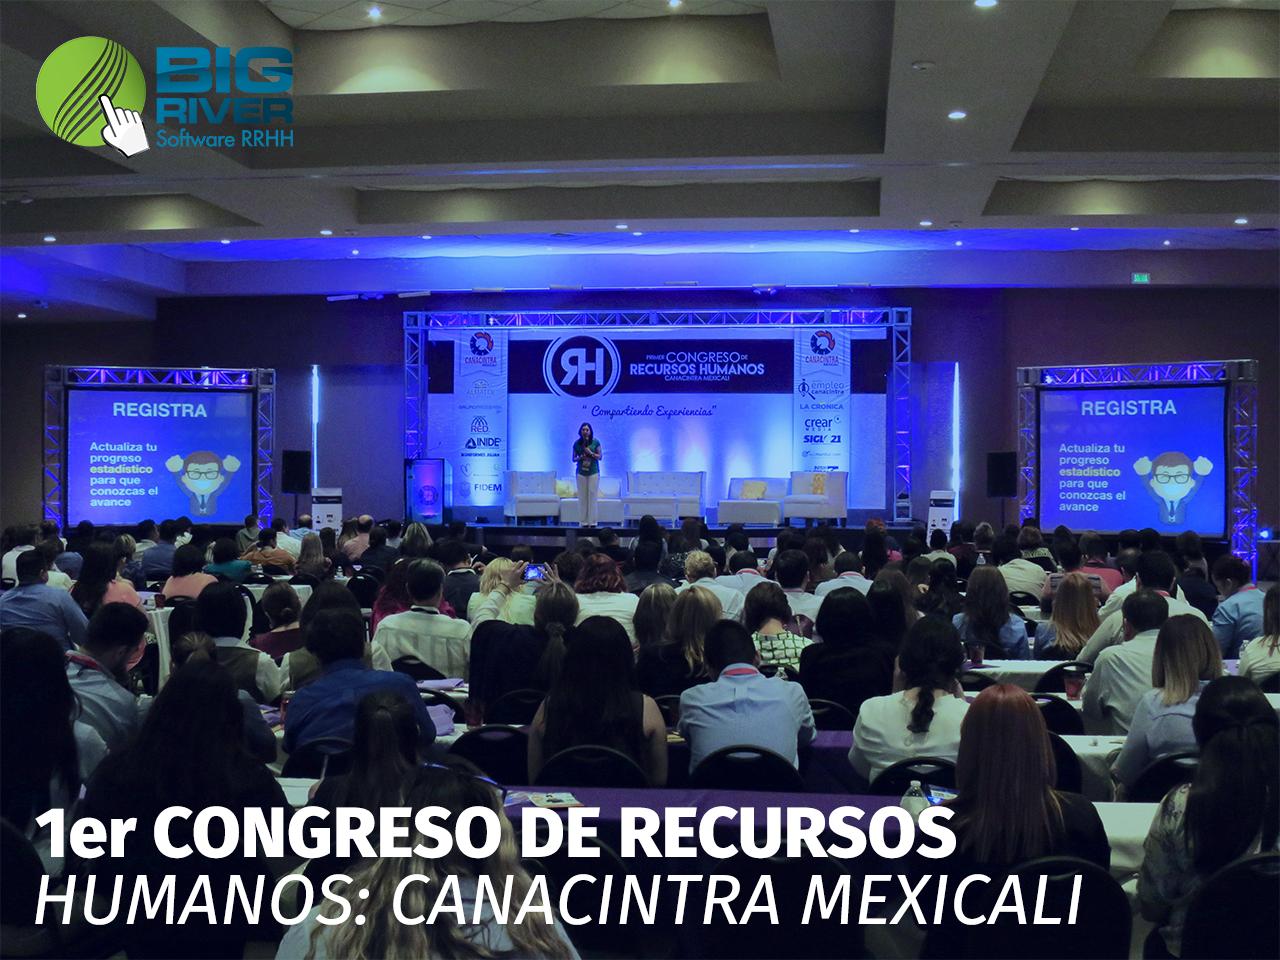 congreso de recursos canacintra mexicali